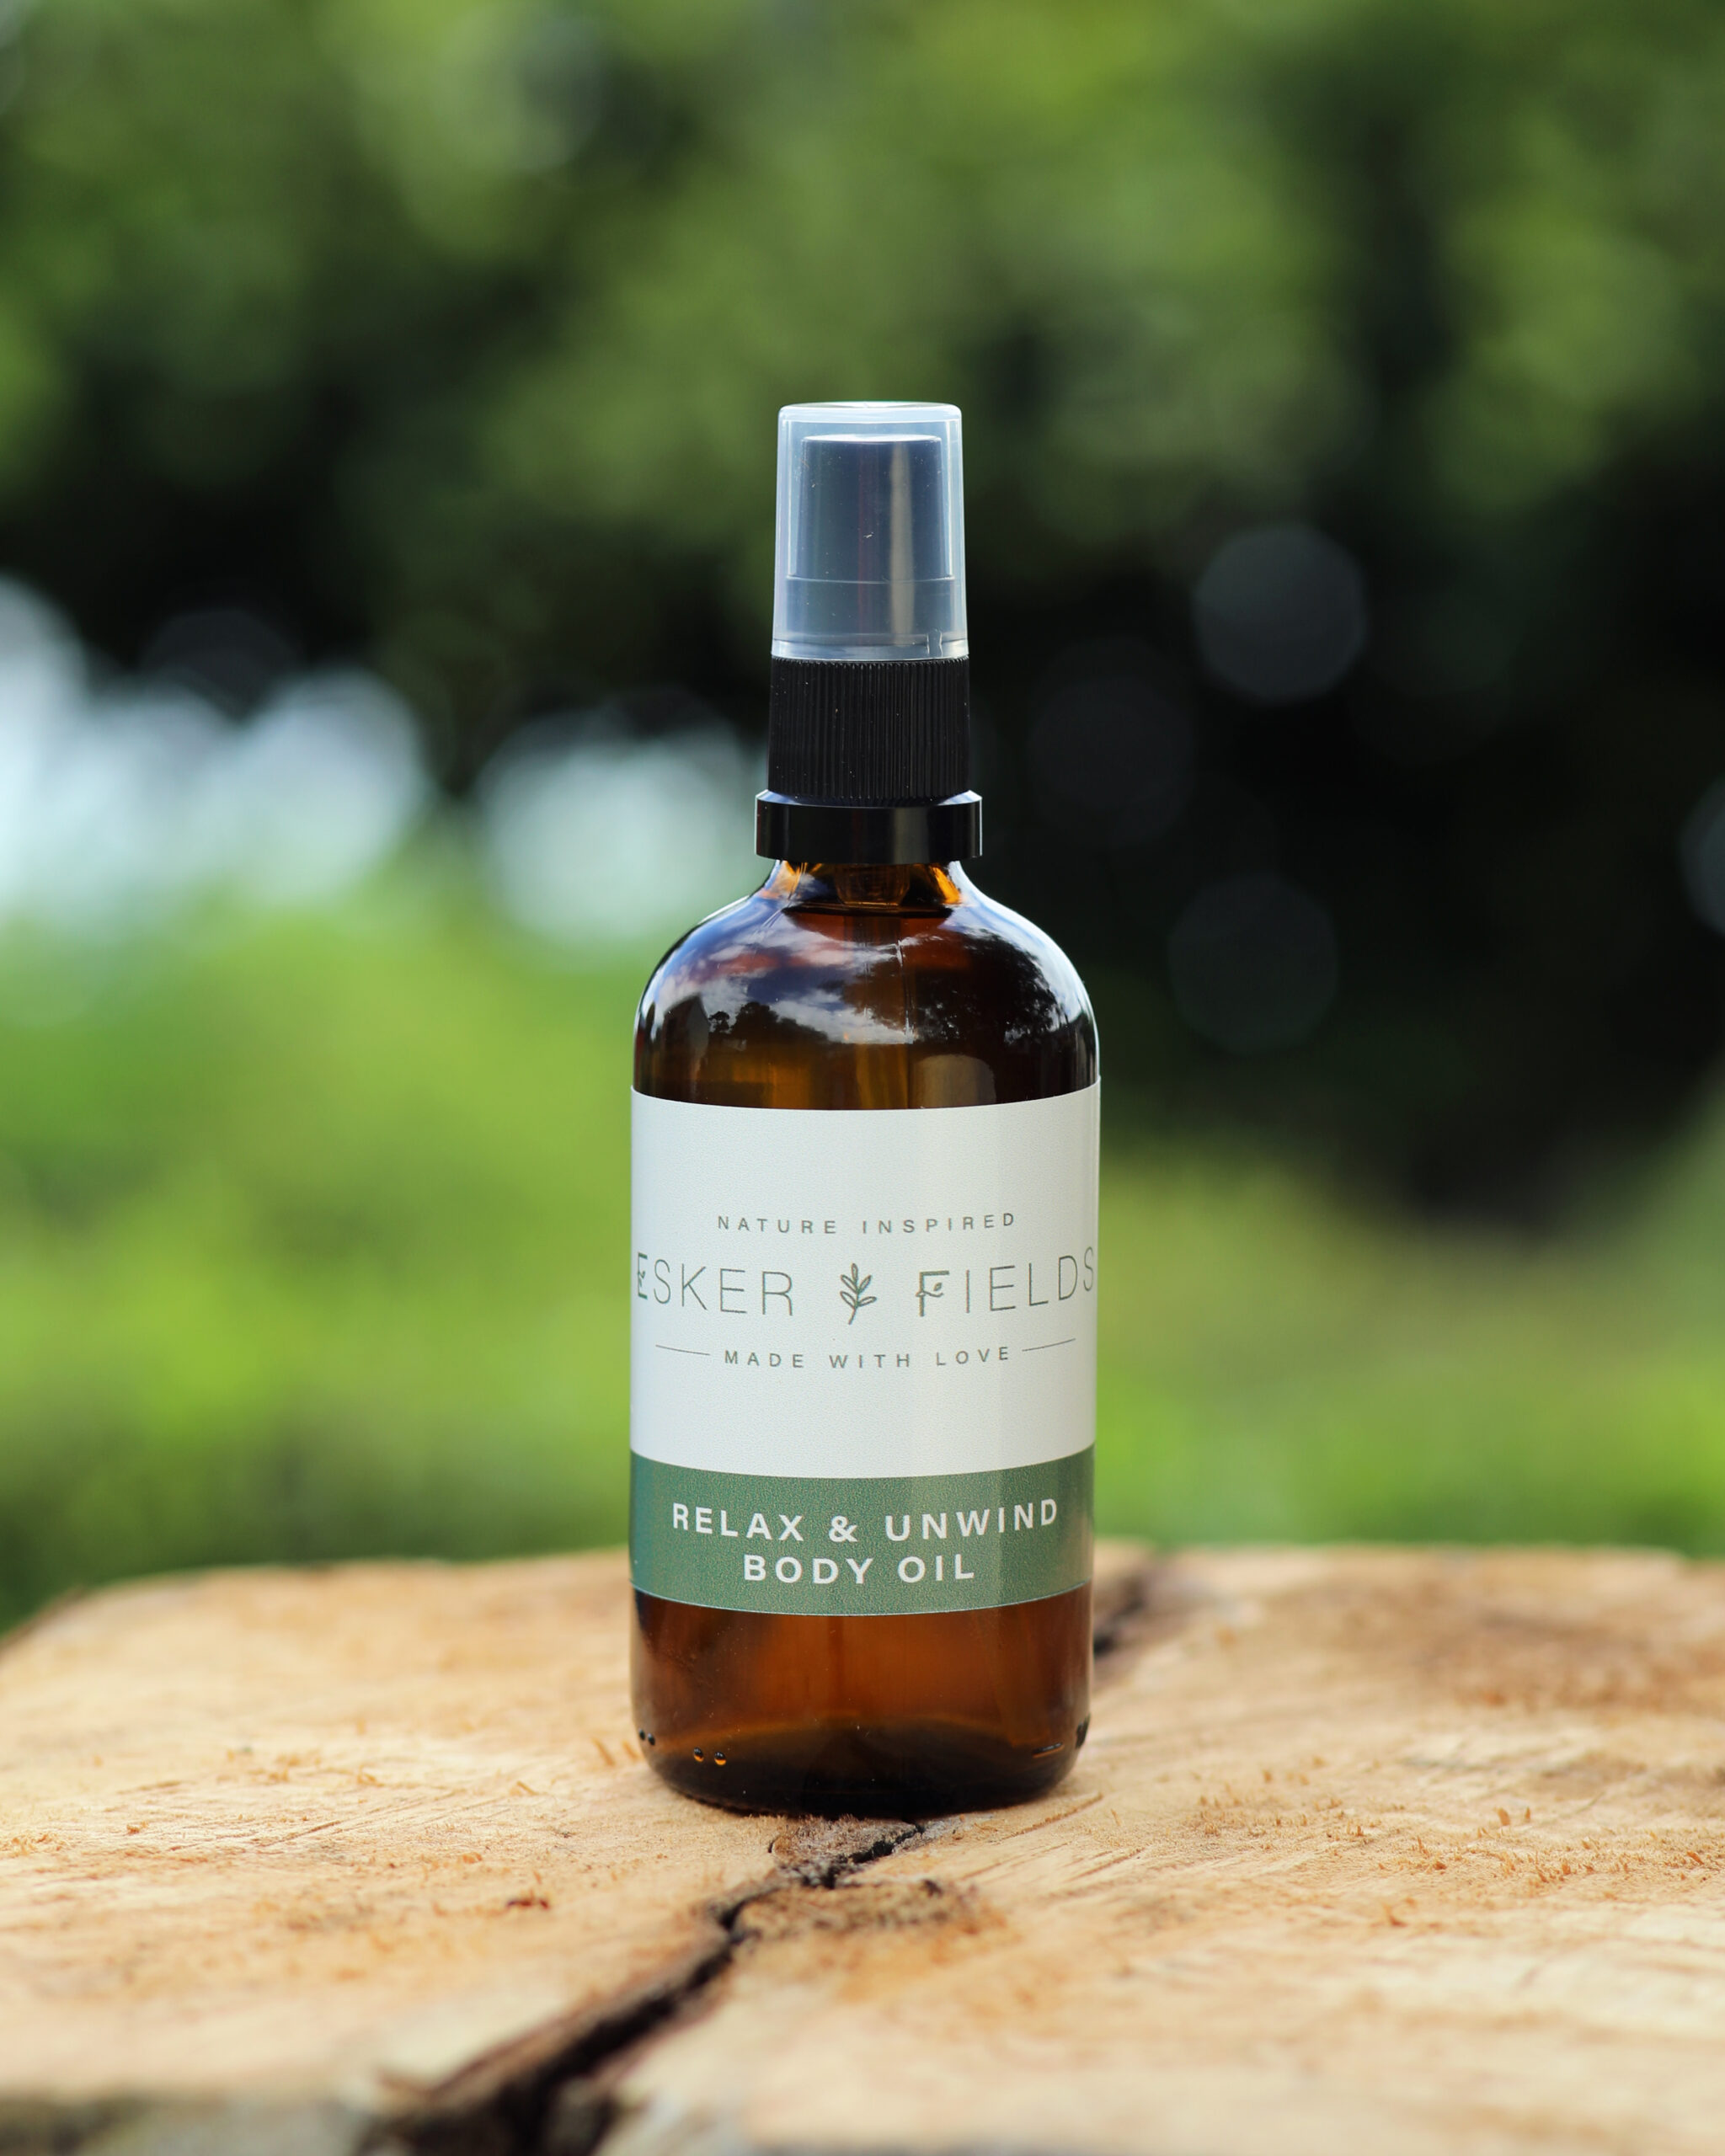 Esker Body Oil Relax & Unwind